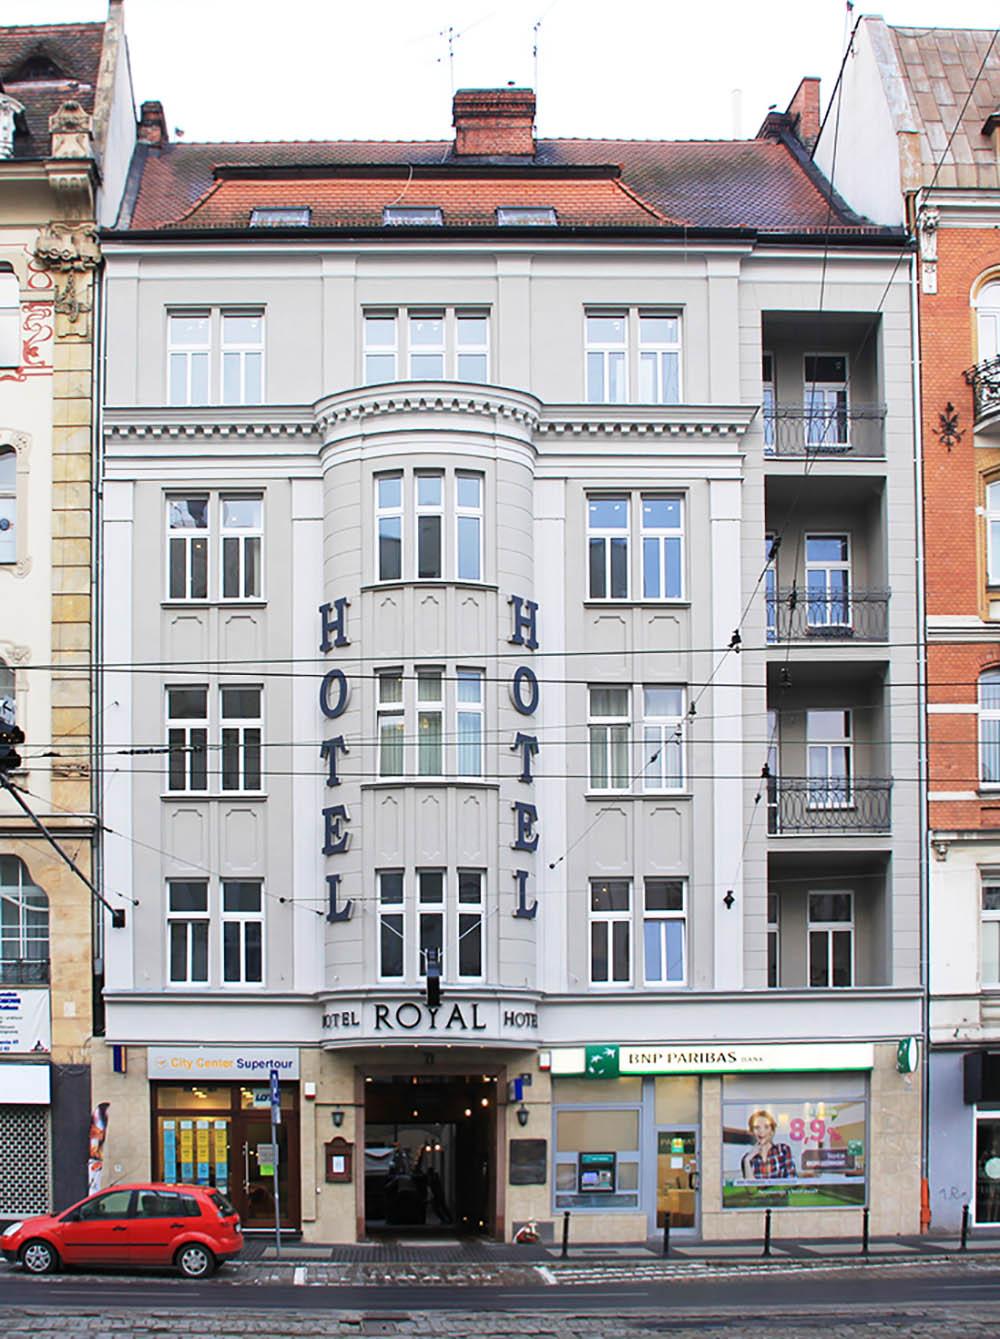 Voormalig Hoofdkwartier Poolse Opperbevel 1918-1919 Hotel Royal